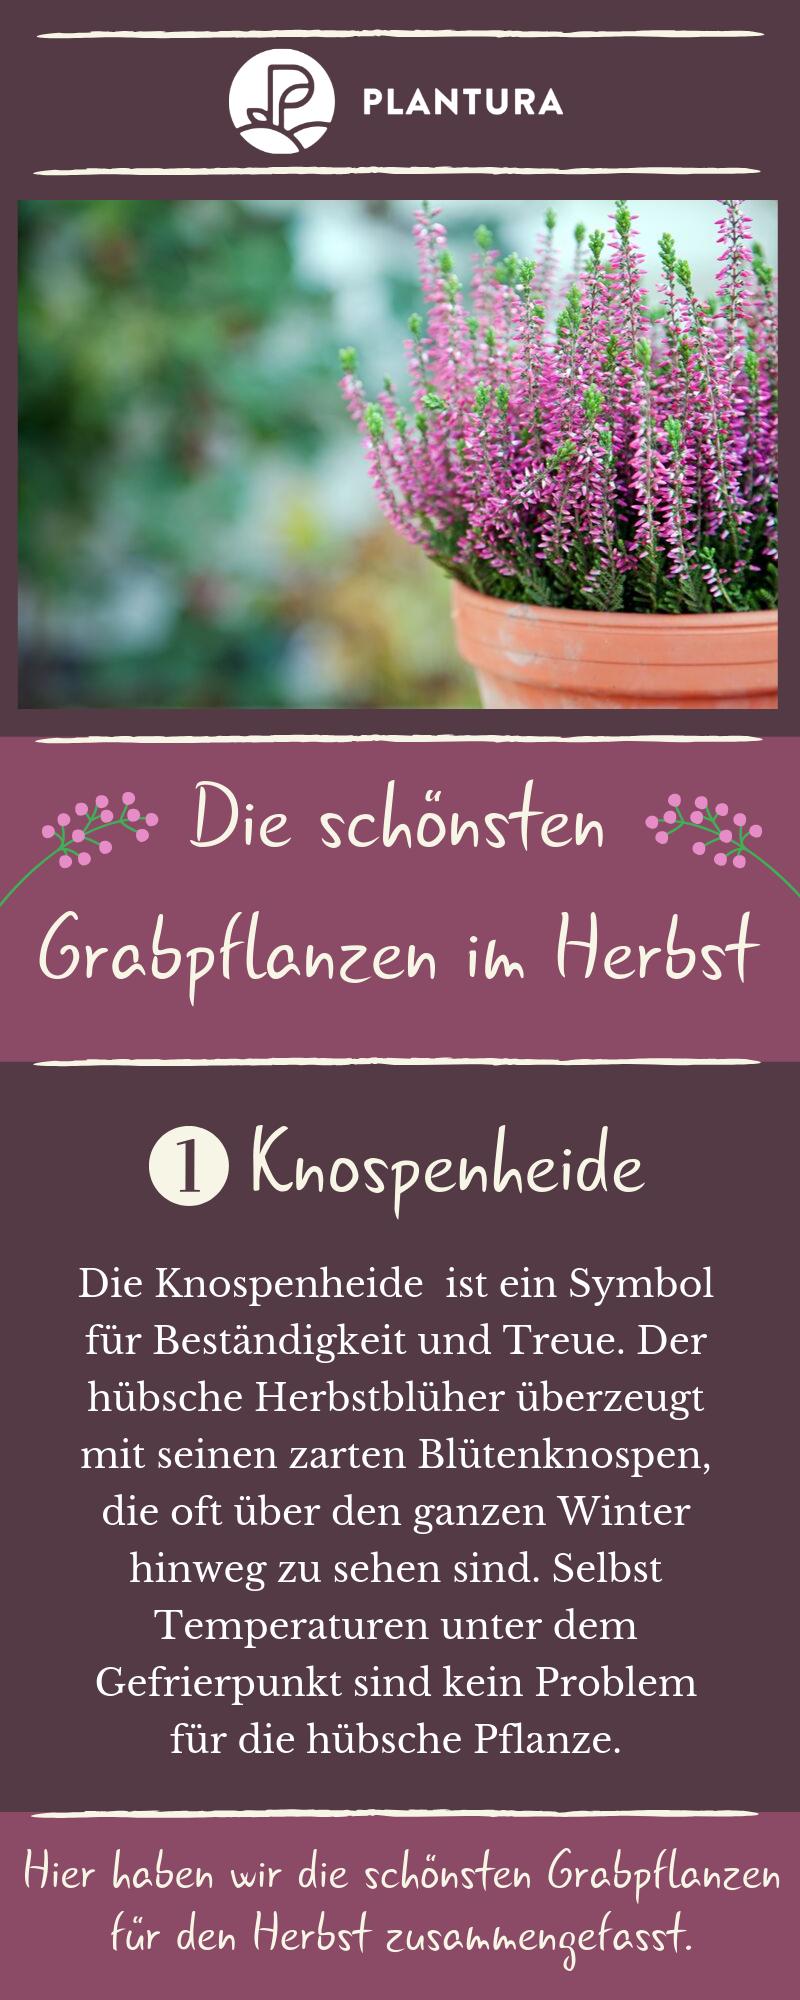 Grabbepflanzung im Herbst: Beispiele für eine schöne Herbstbepflanzung - Plantura